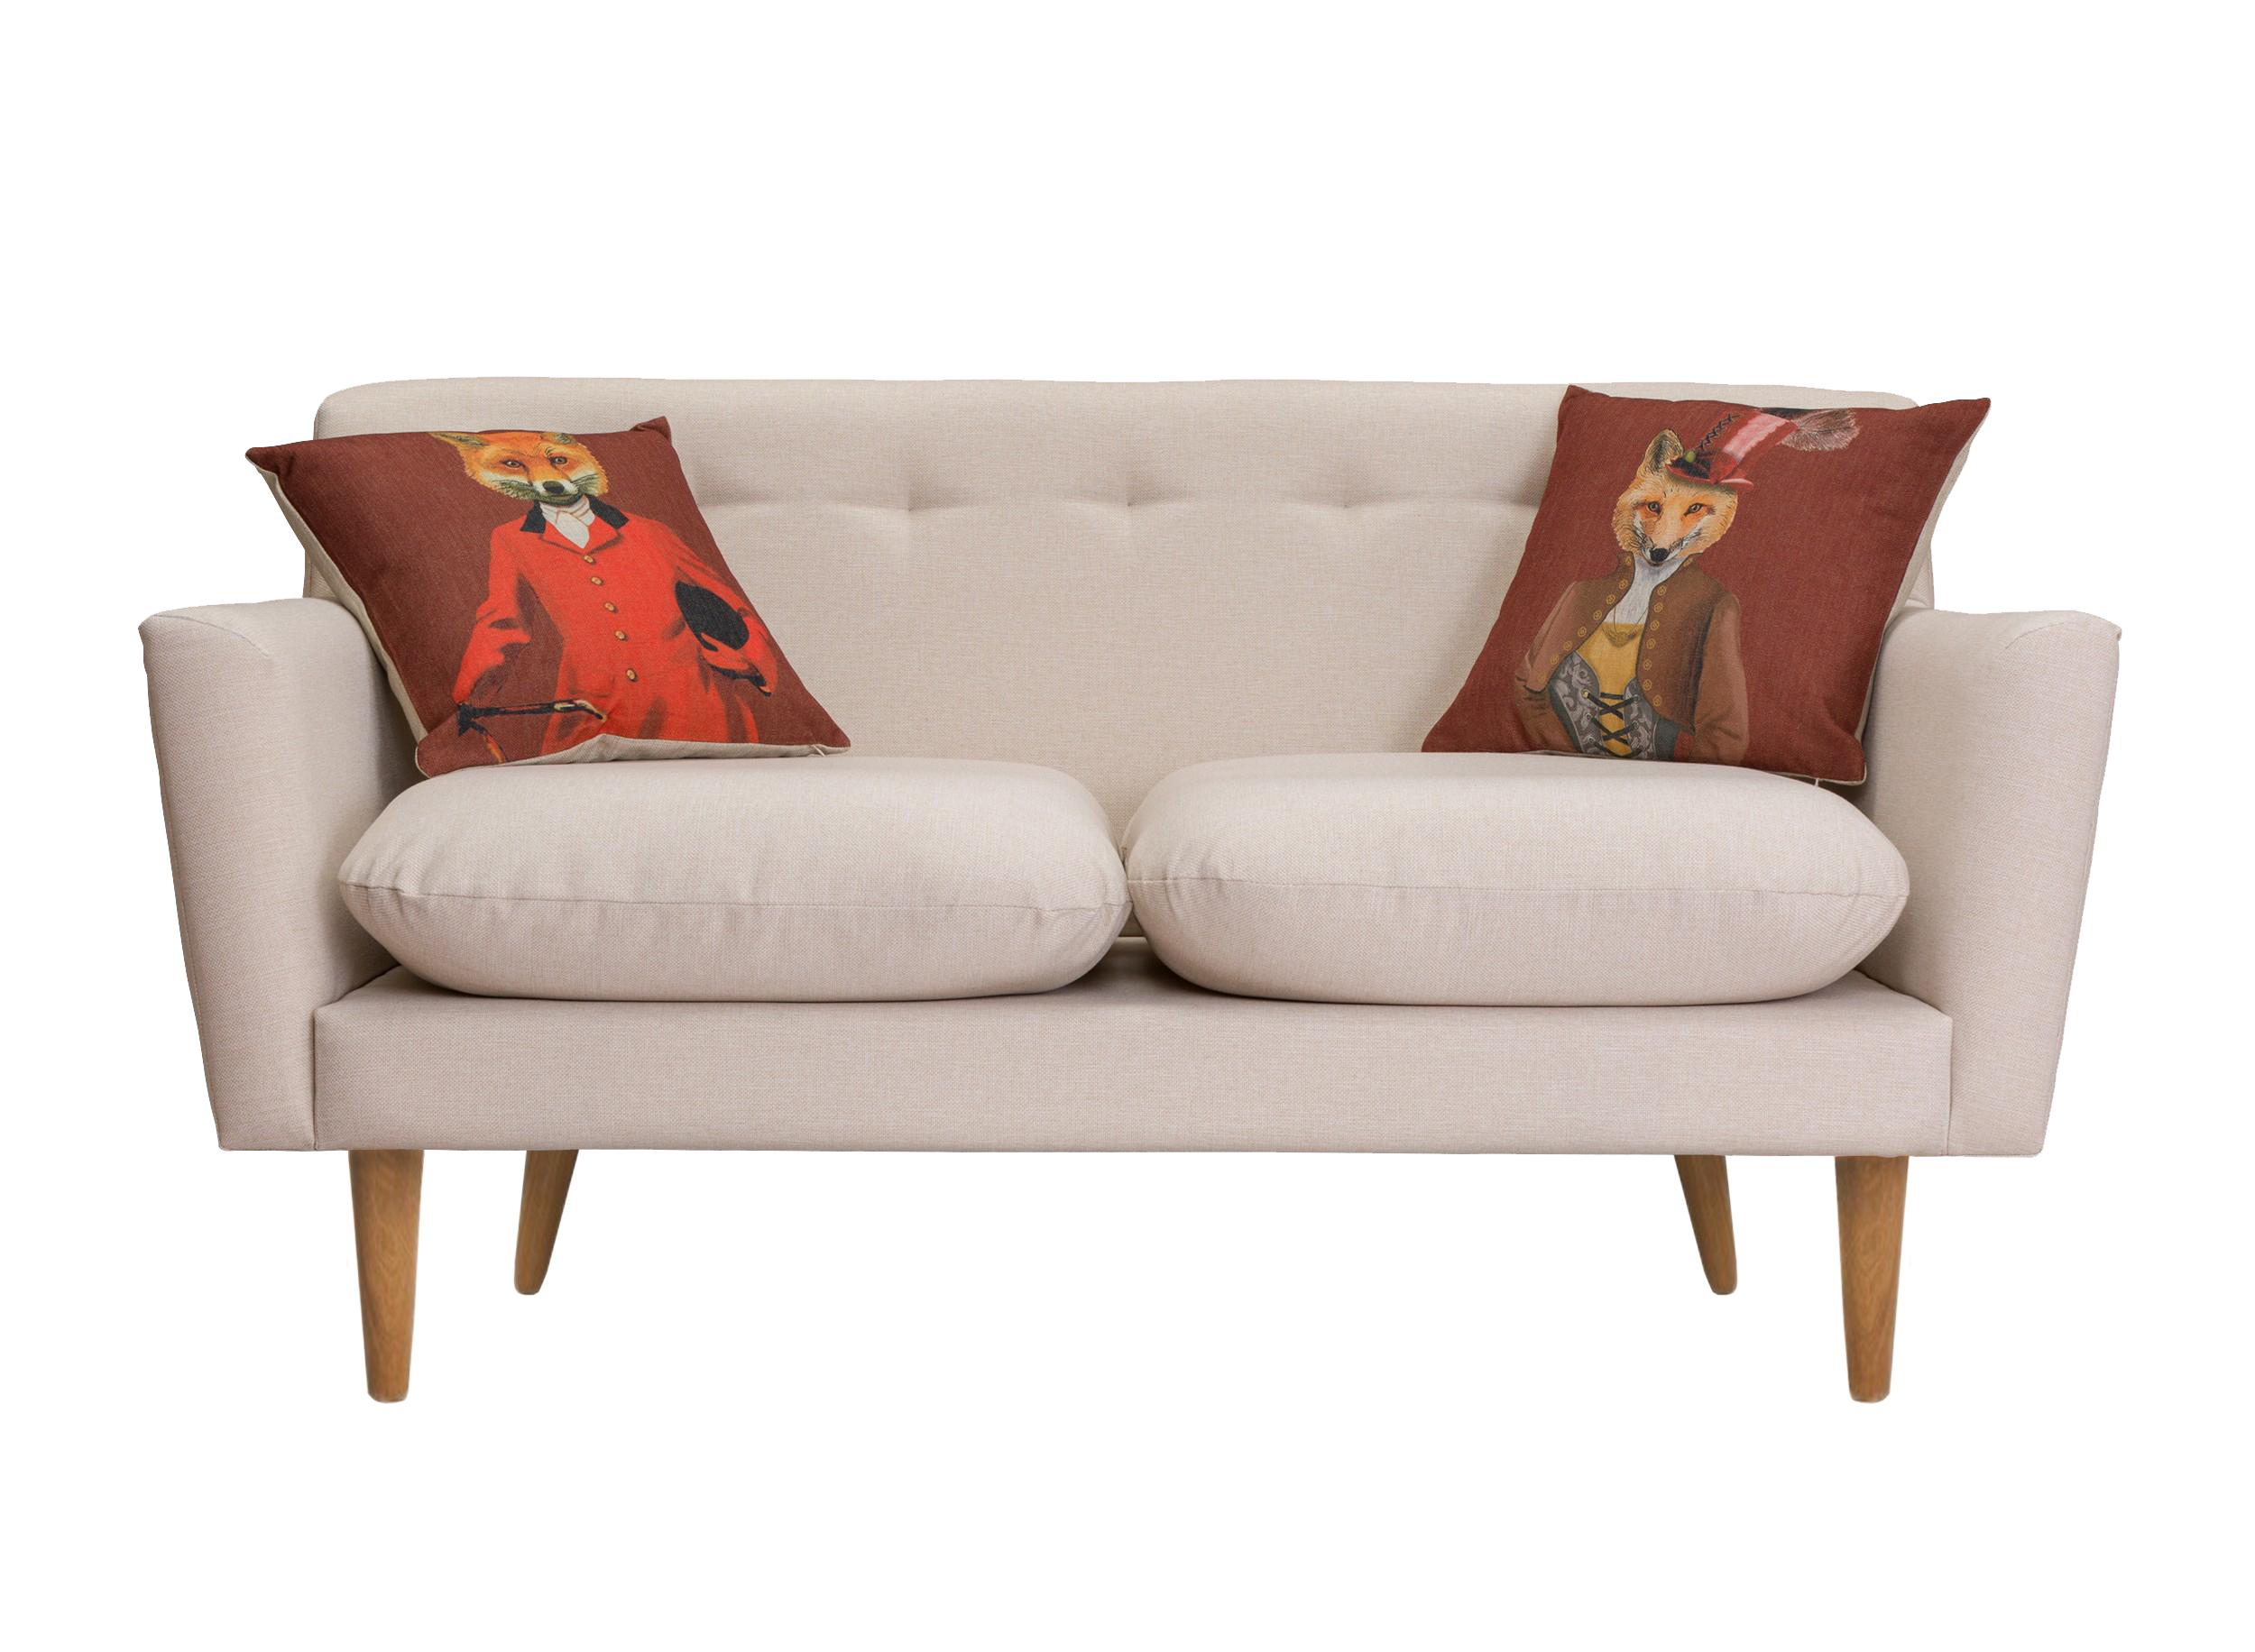 Диван OsloДвухместные диваны<br>&amp;lt;div&amp;gt;Модель дивана &amp;quot;Oslo&amp;quot; - настоящее произведение искусства! Так и видим, как через несколько десятков лет эта модель будет стоять в музеях в разделе &amp;quot;Лучшее в дизайне 21-го века&amp;quot;.&amp;amp;nbsp;&amp;lt;/div&amp;gt;&amp;lt;div&amp;gt;&amp;lt;br&amp;gt;&amp;lt;/div&amp;gt;&amp;lt;div&amp;gt;Особенность модели: мягко изогнутые подушки и подлокотники с видимым швом.&amp;amp;nbsp;&amp;lt;/div&amp;gt;&amp;lt;div&amp;gt;&amp;lt;span style=&amp;quot;font-size: 14px;&amp;quot;&amp;gt;Для сохранения формы - подушки выполнены из материала &amp;quot;memory foam&amp;quot; и силиконизированных волокон.&amp;lt;/span&amp;gt;&amp;lt;br&amp;gt;&amp;lt;/div&amp;gt;&amp;lt;div&amp;gt;Более 200 цветов ткани на выбор.&amp;lt;/div&amp;gt;<br><br>Material: Текстиль<br>Width см: 151<br>Depth см: 89<br>Height см: 83